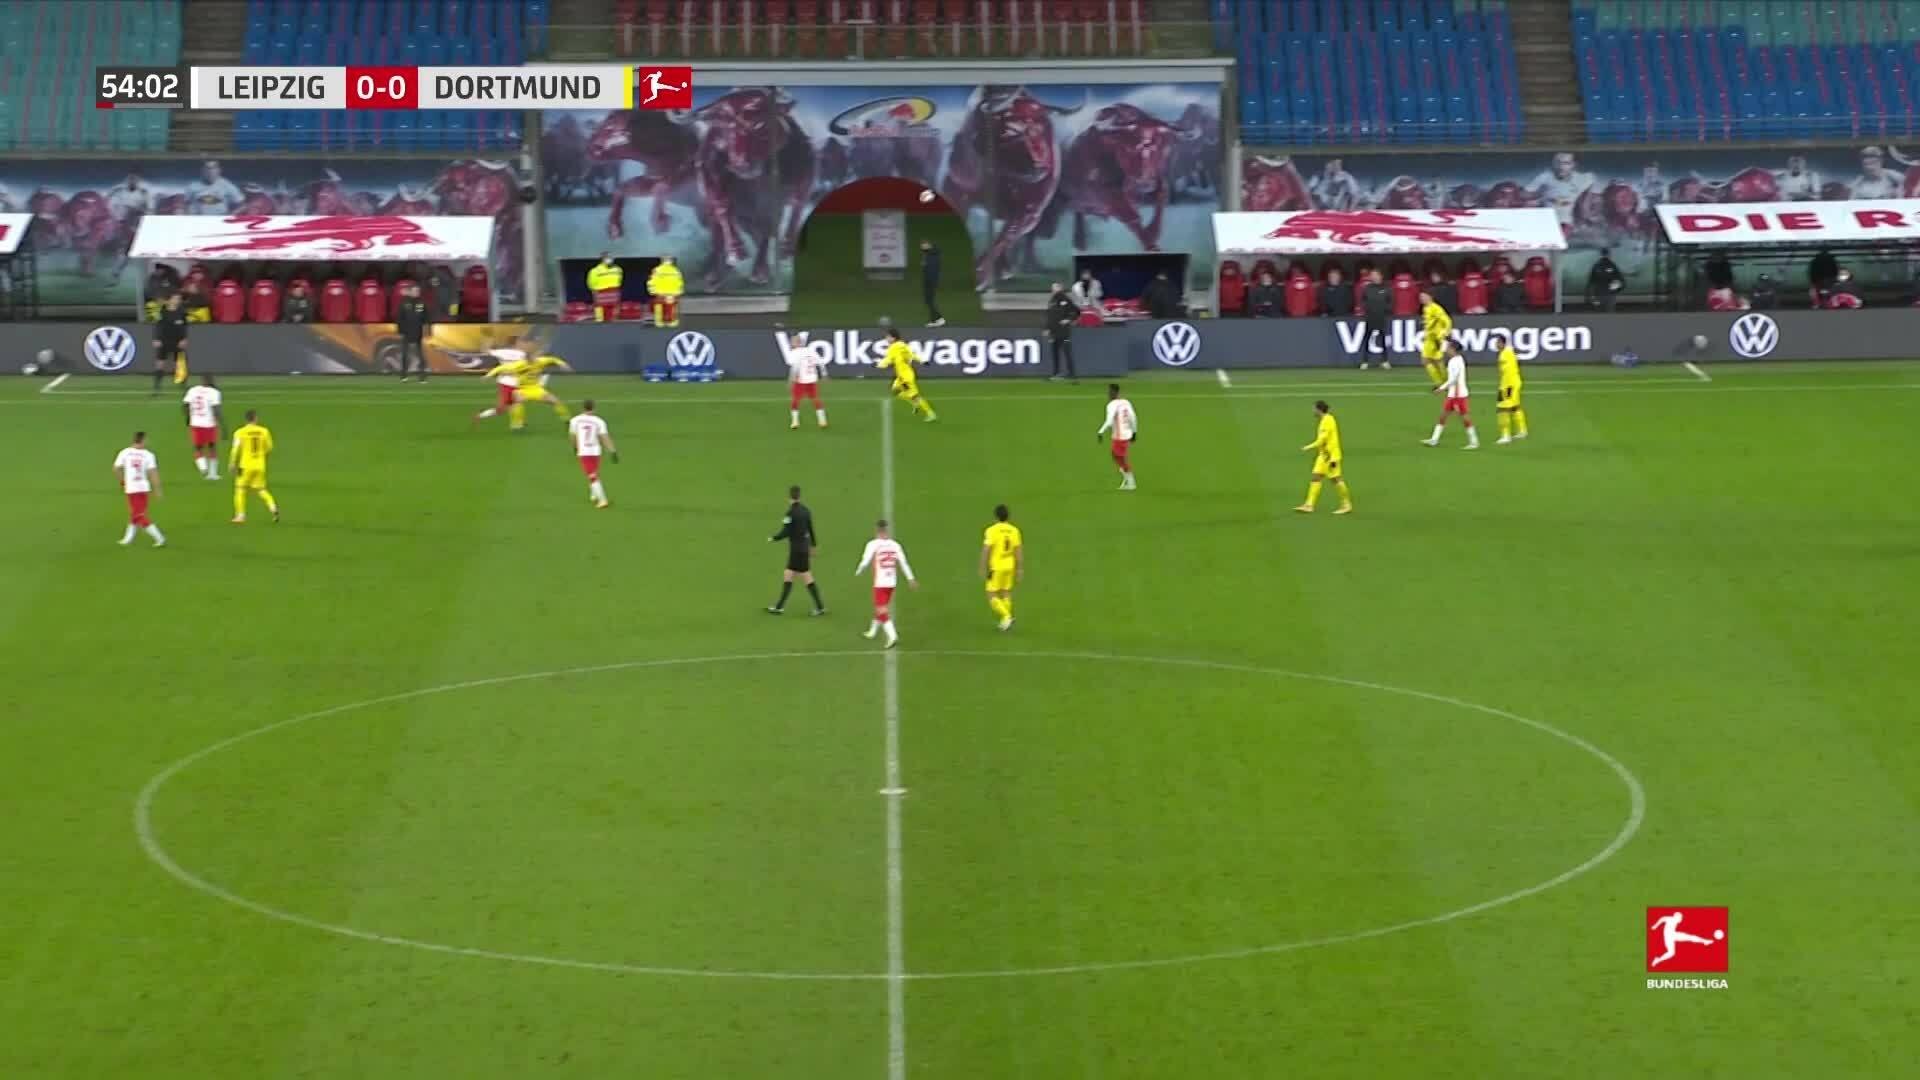 RB Leipzig 1-3 Dortmund